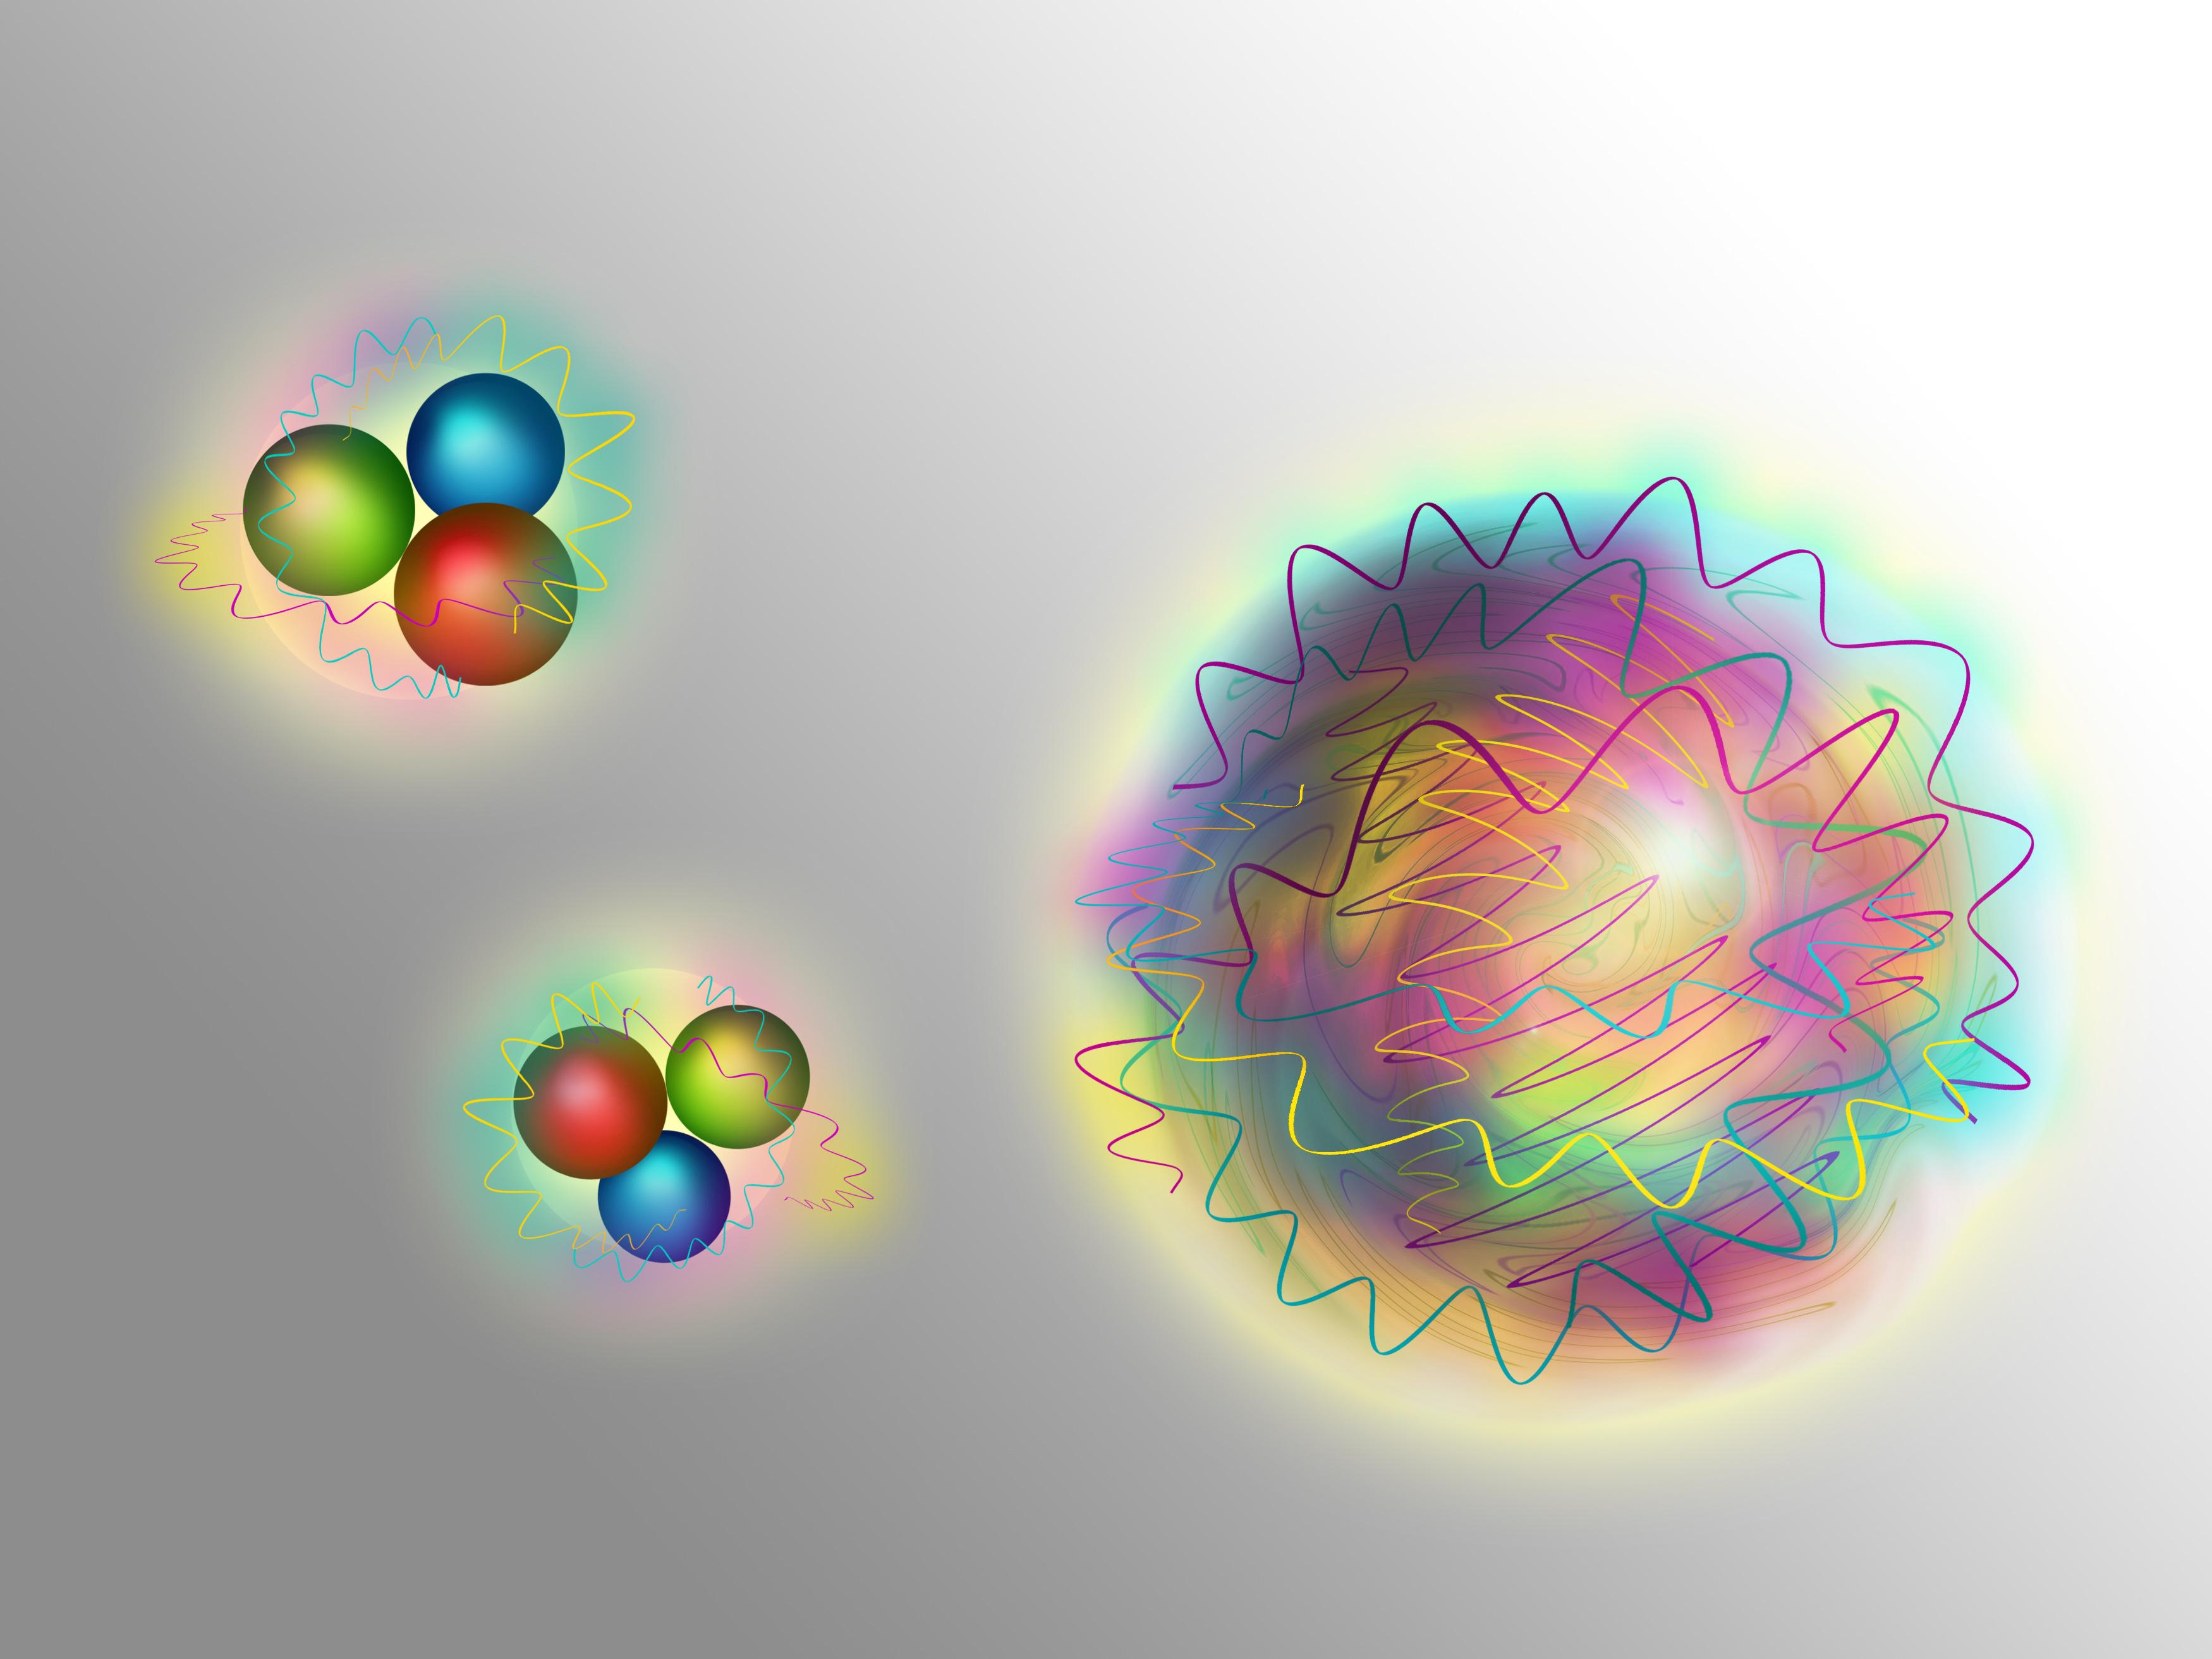 Протоны инейтроны, из которых побольшей части состоит всё вещество вокруг нас, представляют собой трио кварков, обменивающихся глюонами. Глюоний состоит исключительно изглюонов— переносчиков сильного взаимодействия.